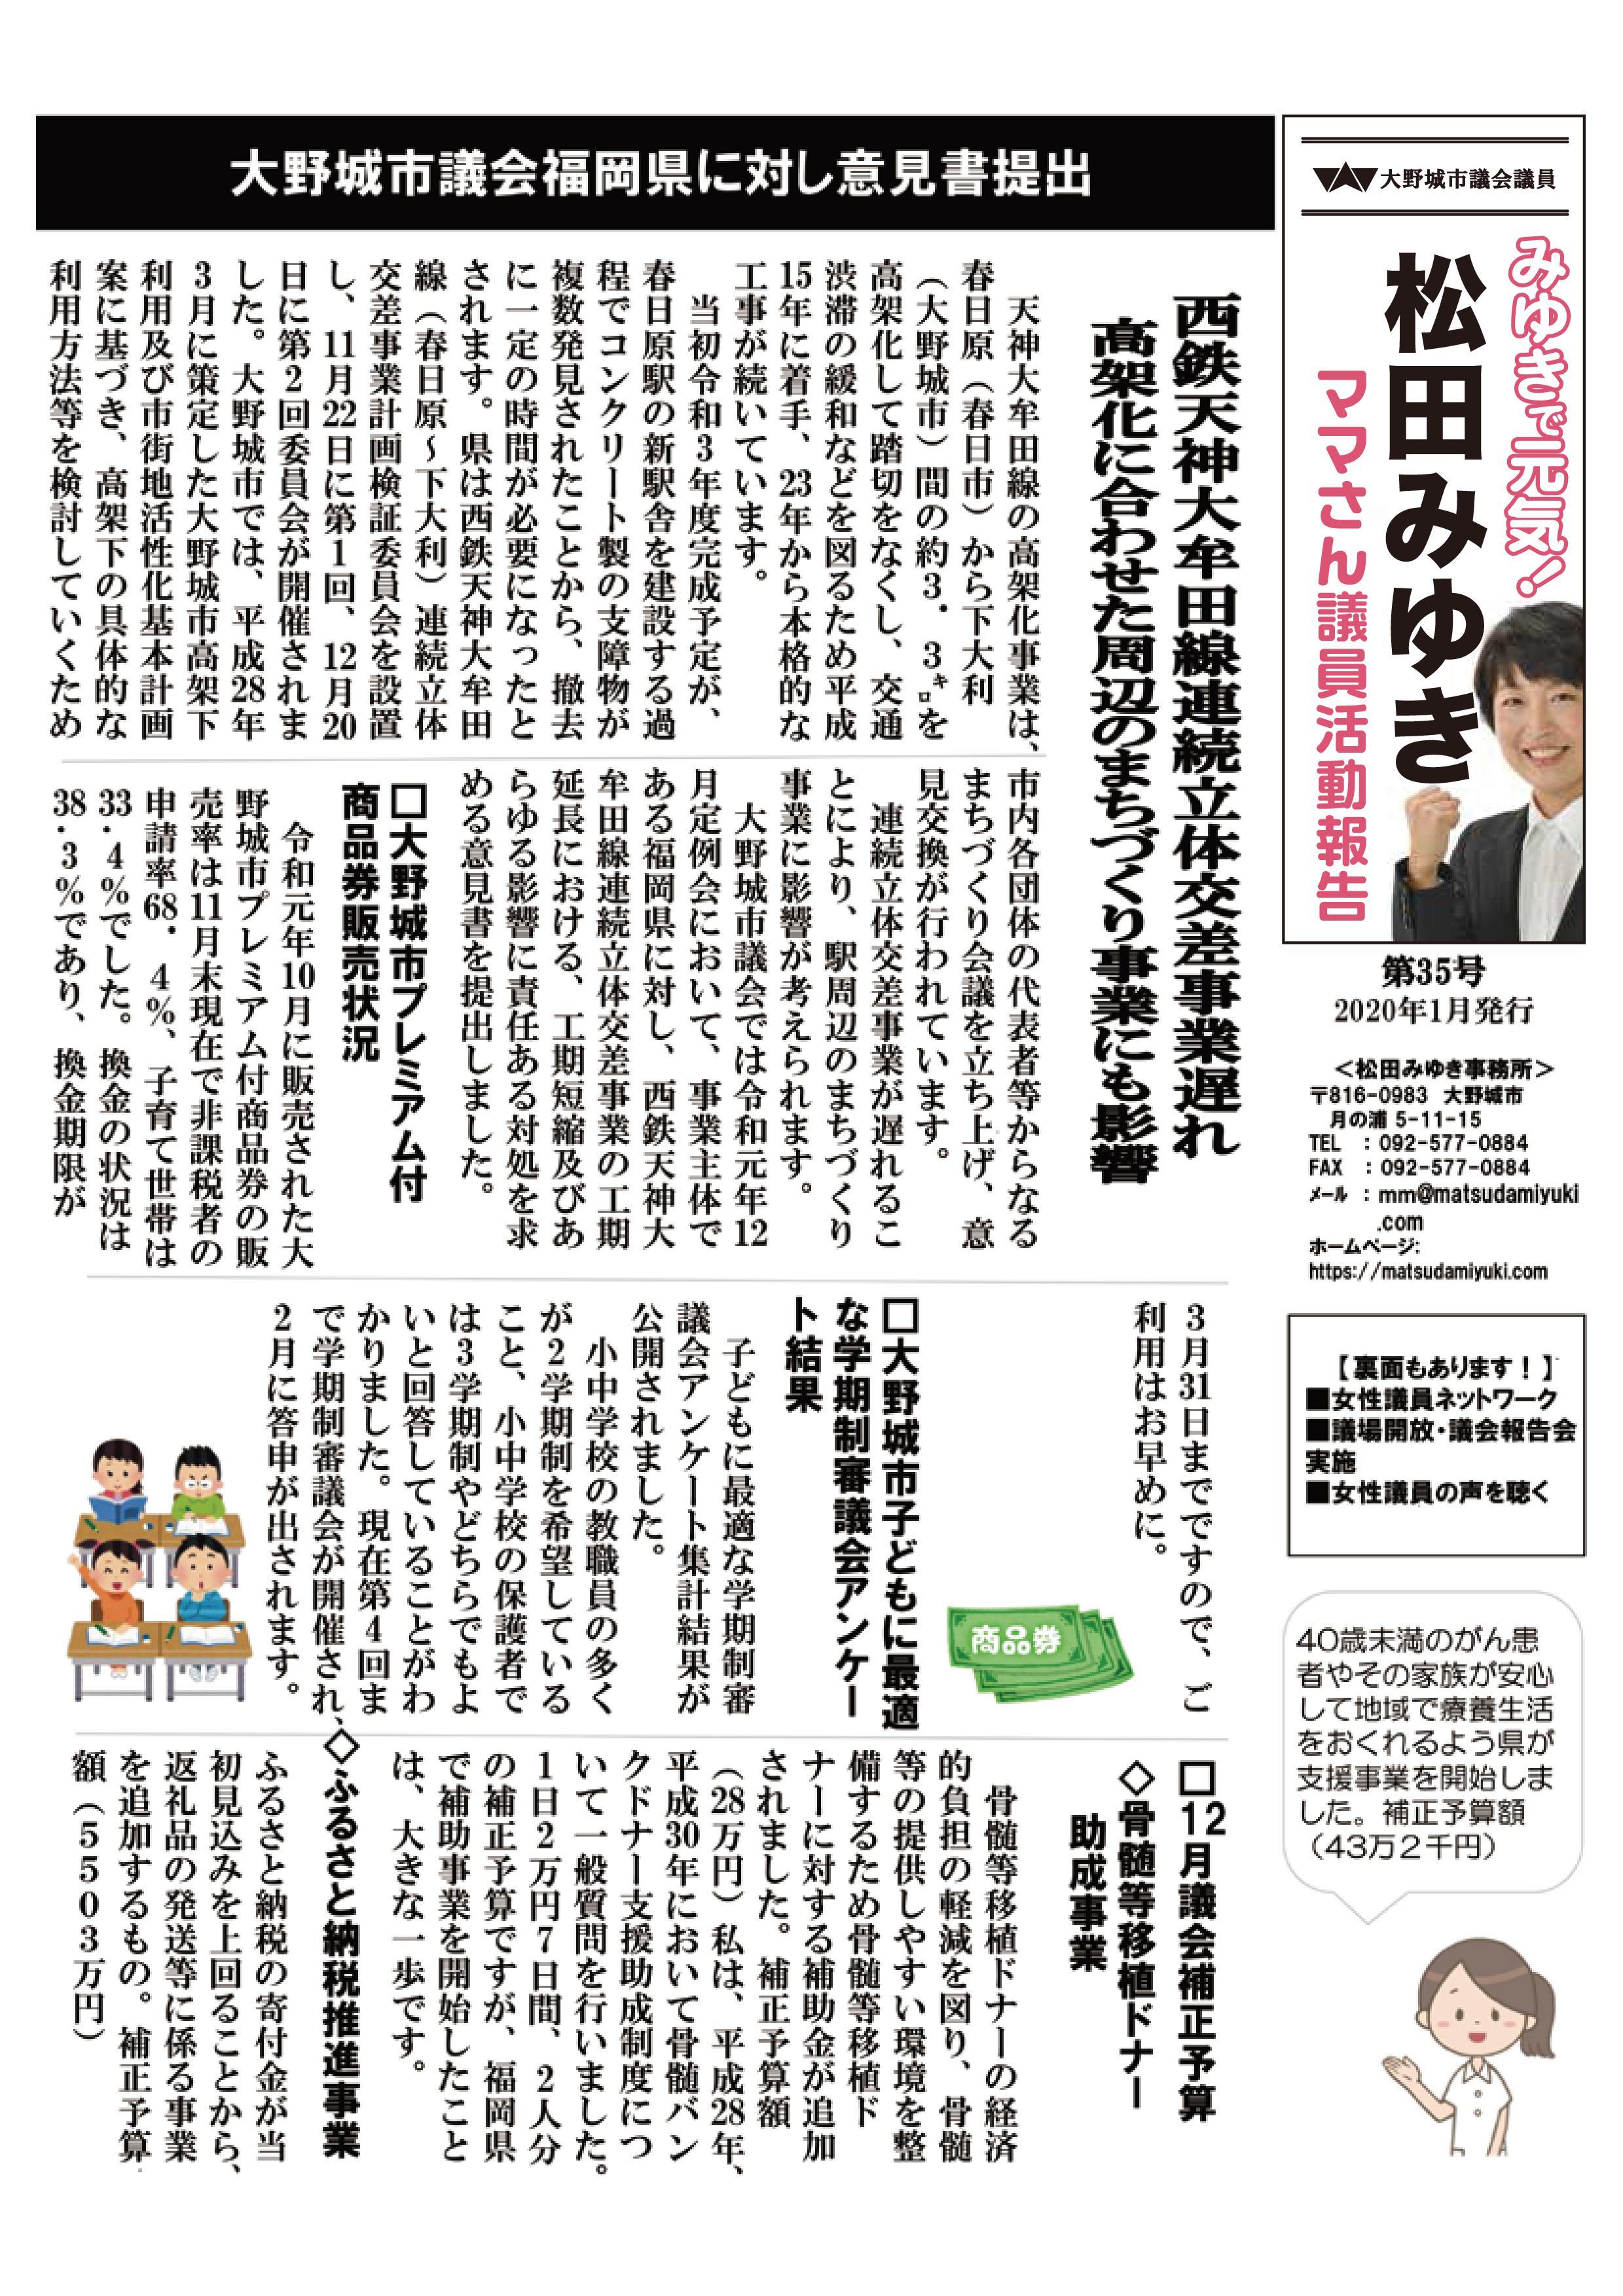 大野城市議会議員 松田みゆき 市政報告 第35号 01